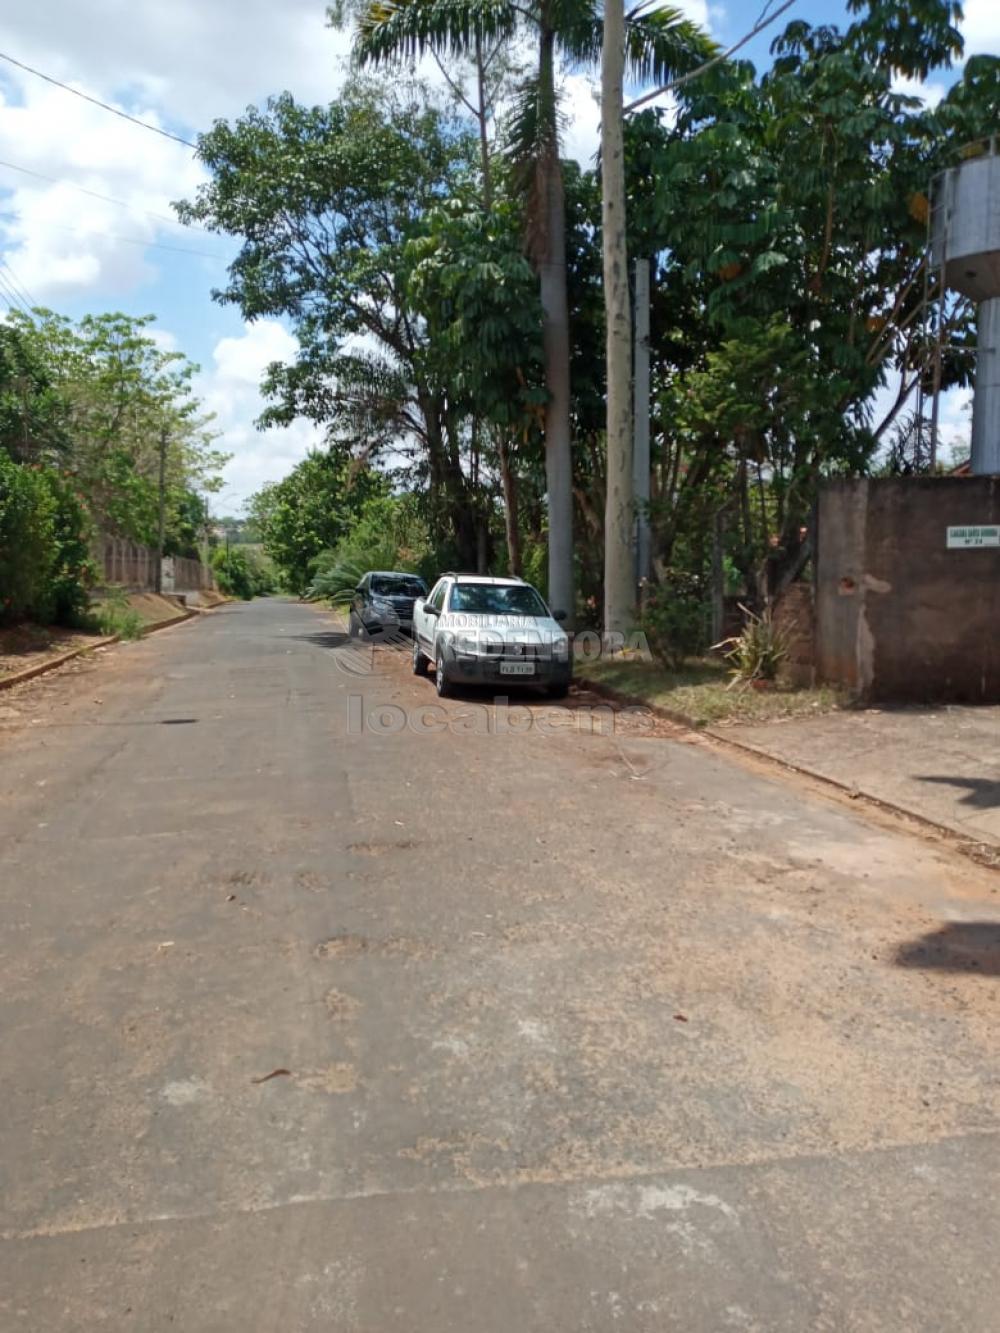 Comprar Rural / Chácara em São José do Rio Preto R$ 650.000,00 - Foto 7